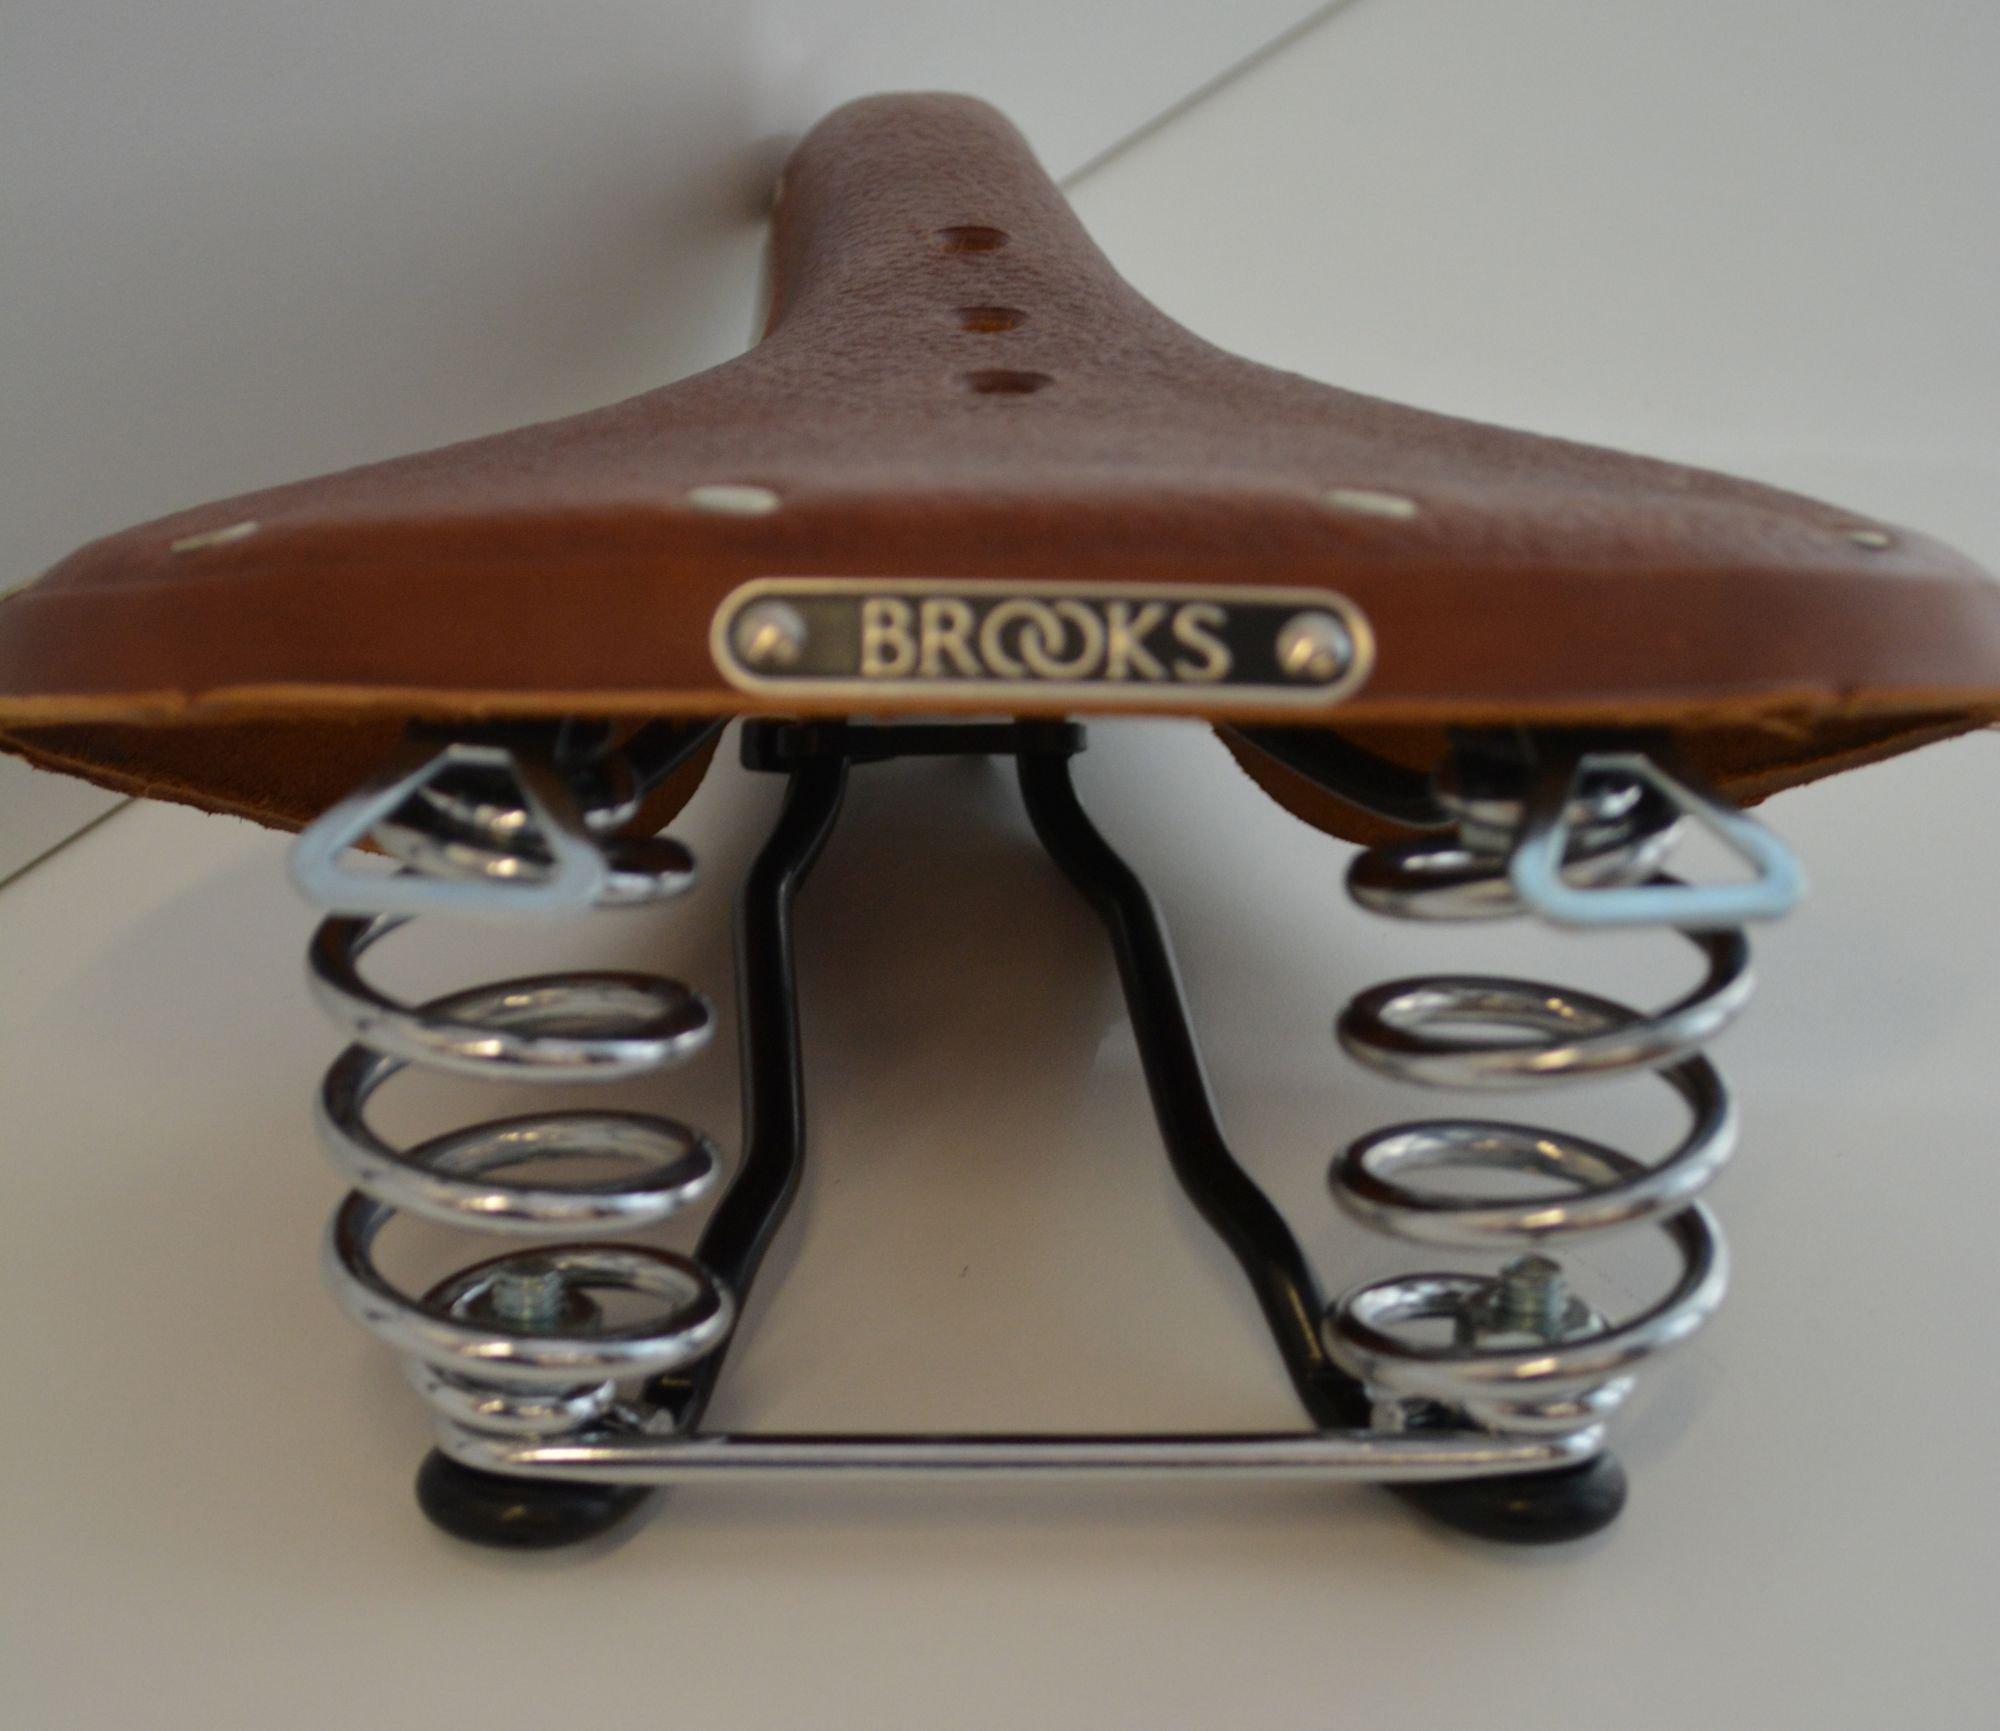 Brooks B67 Classic Leder honig, Herren-Sattel